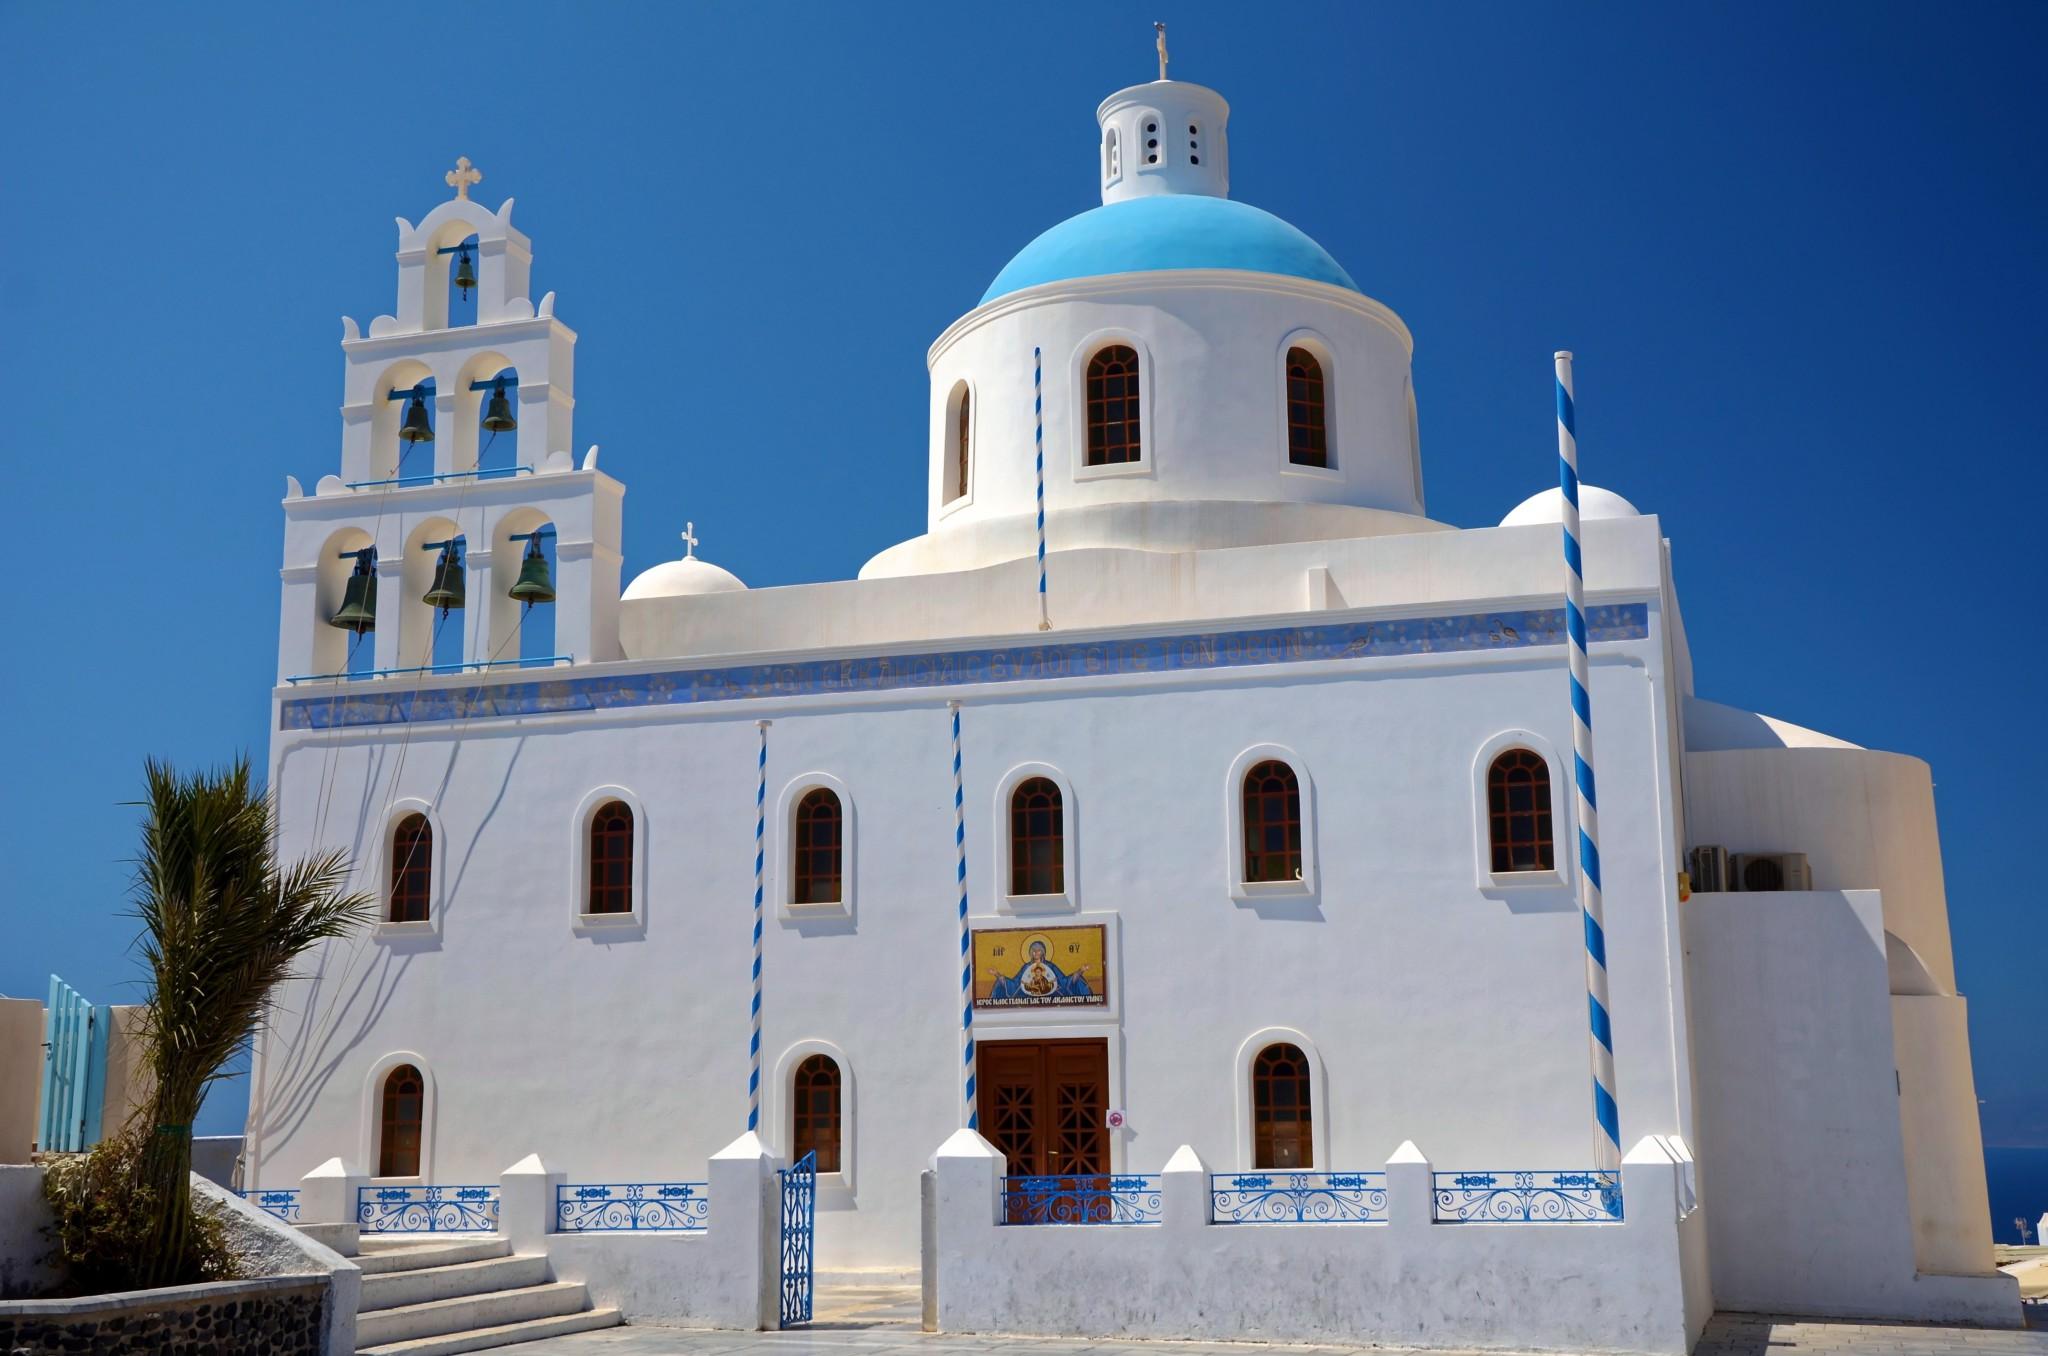 Kirche - Oia - Santorin